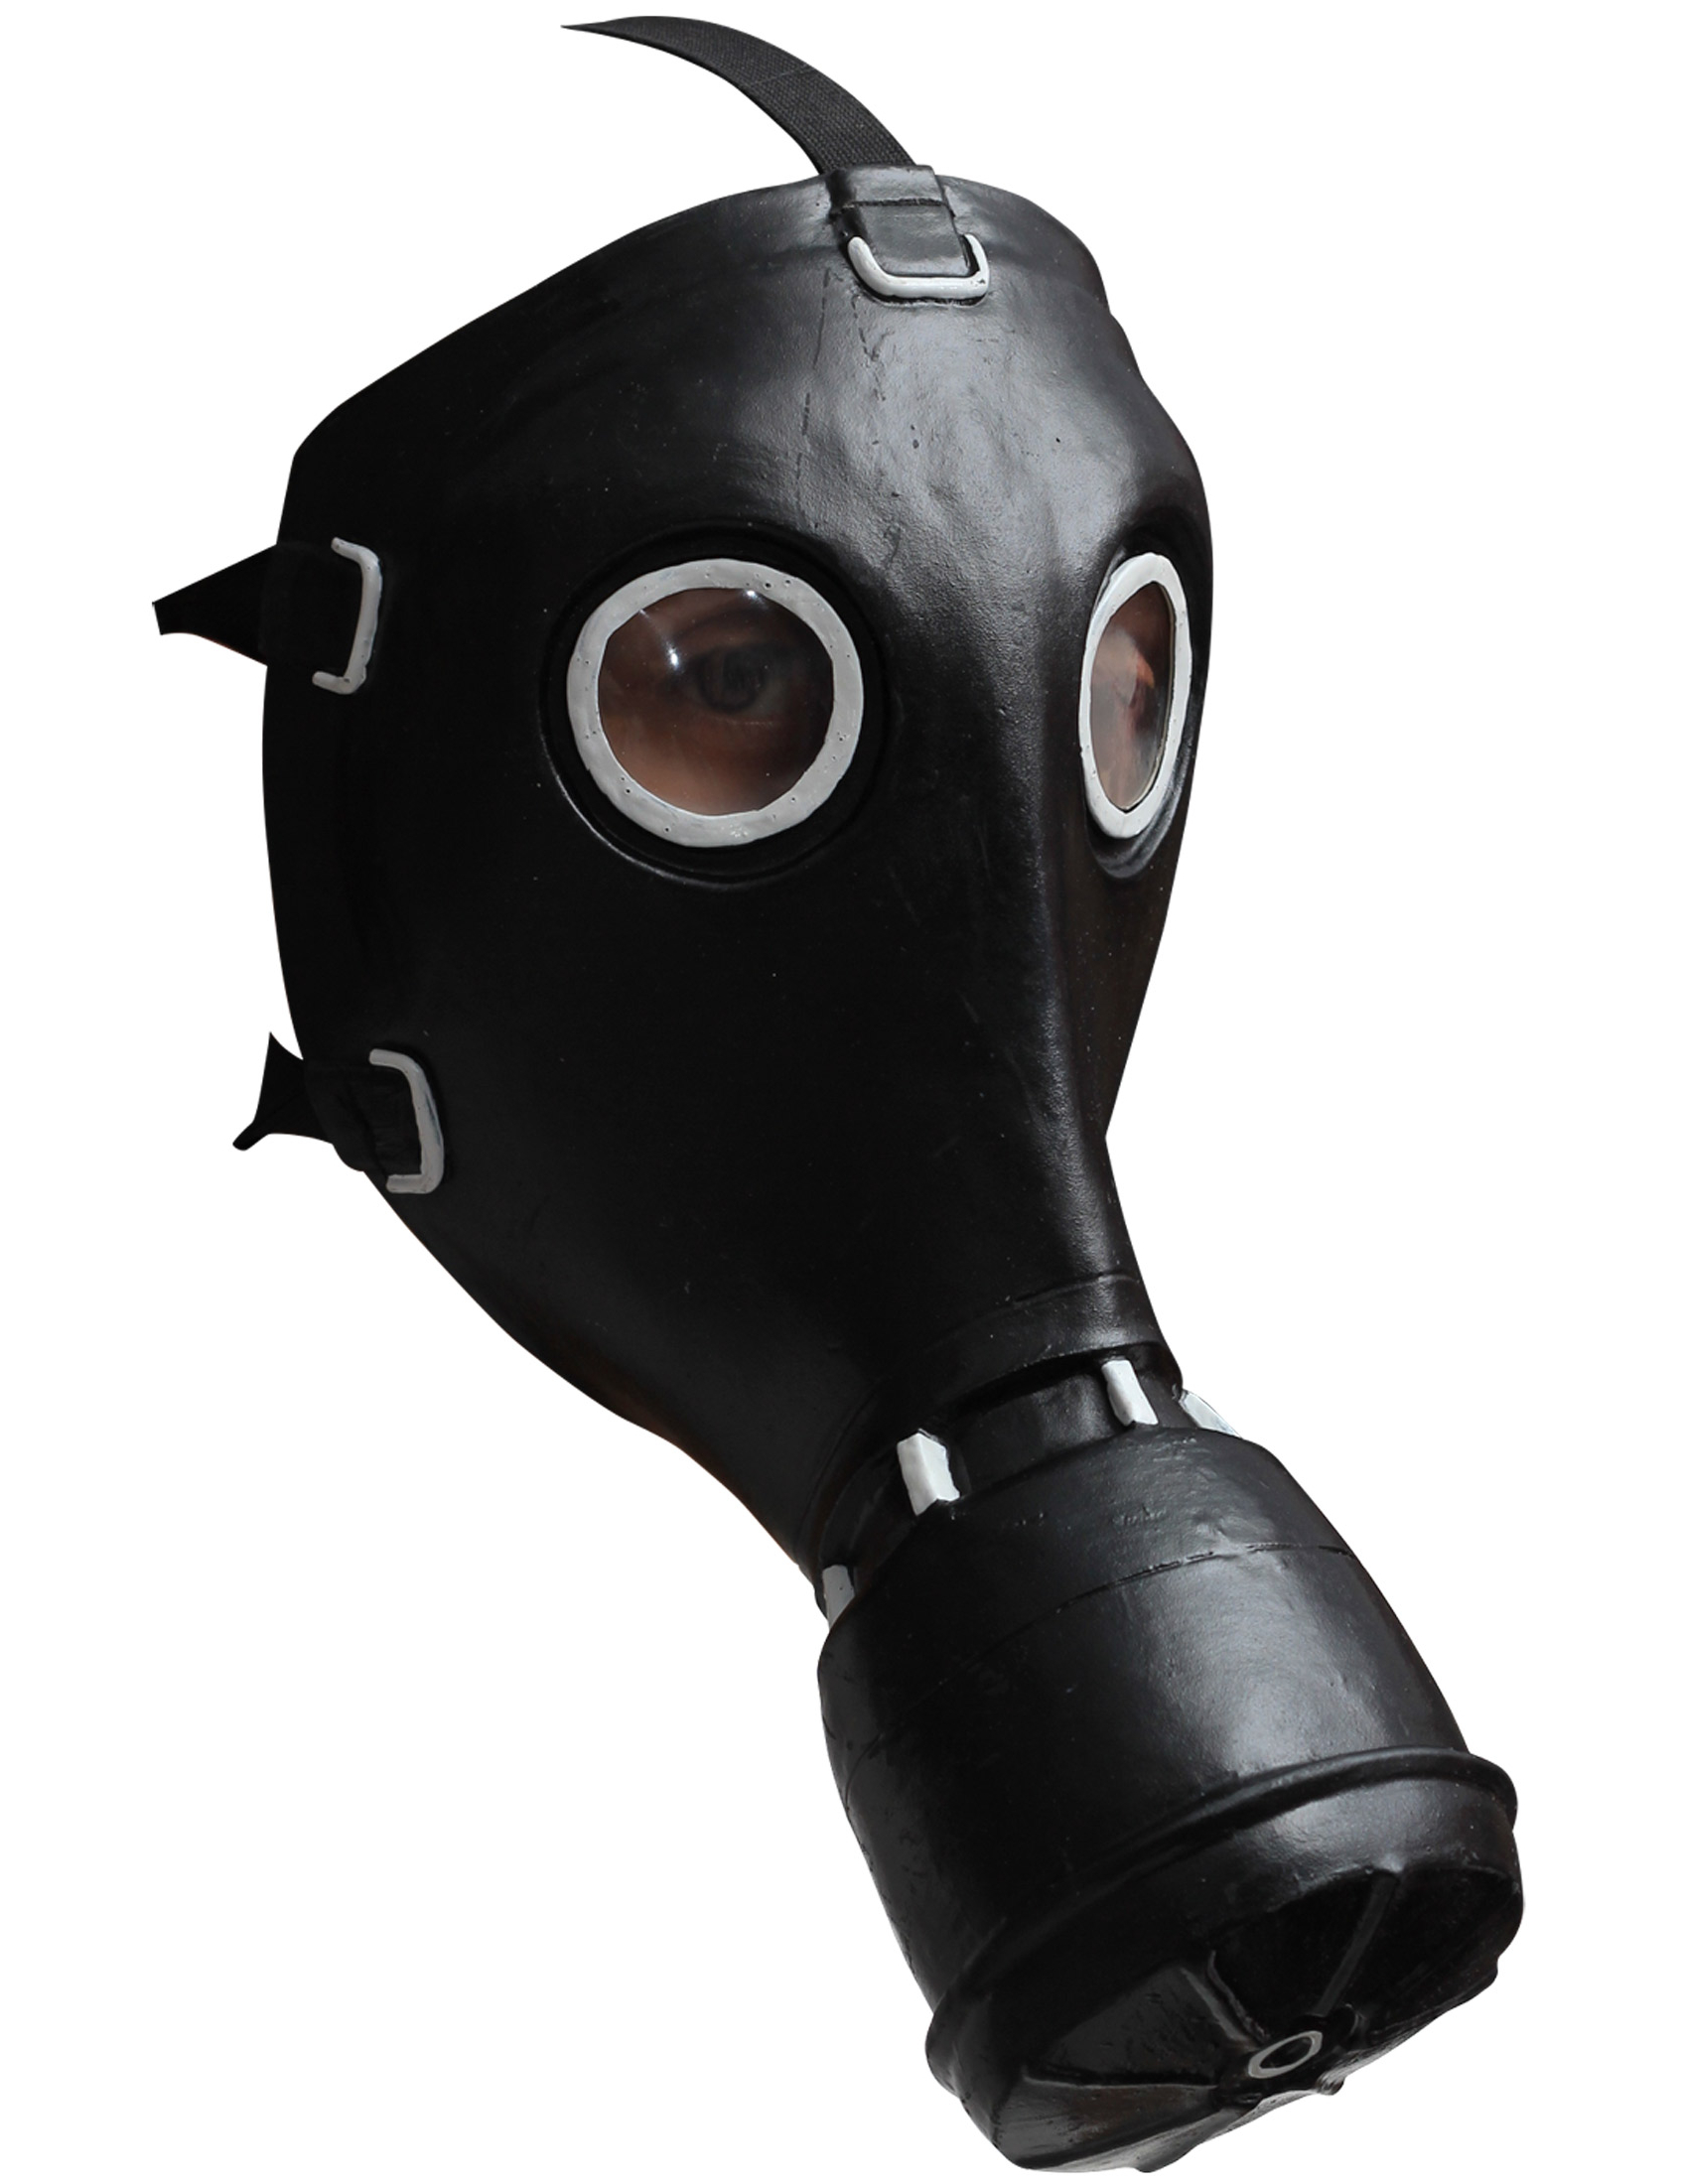 Schwarze Gasmaske 75388